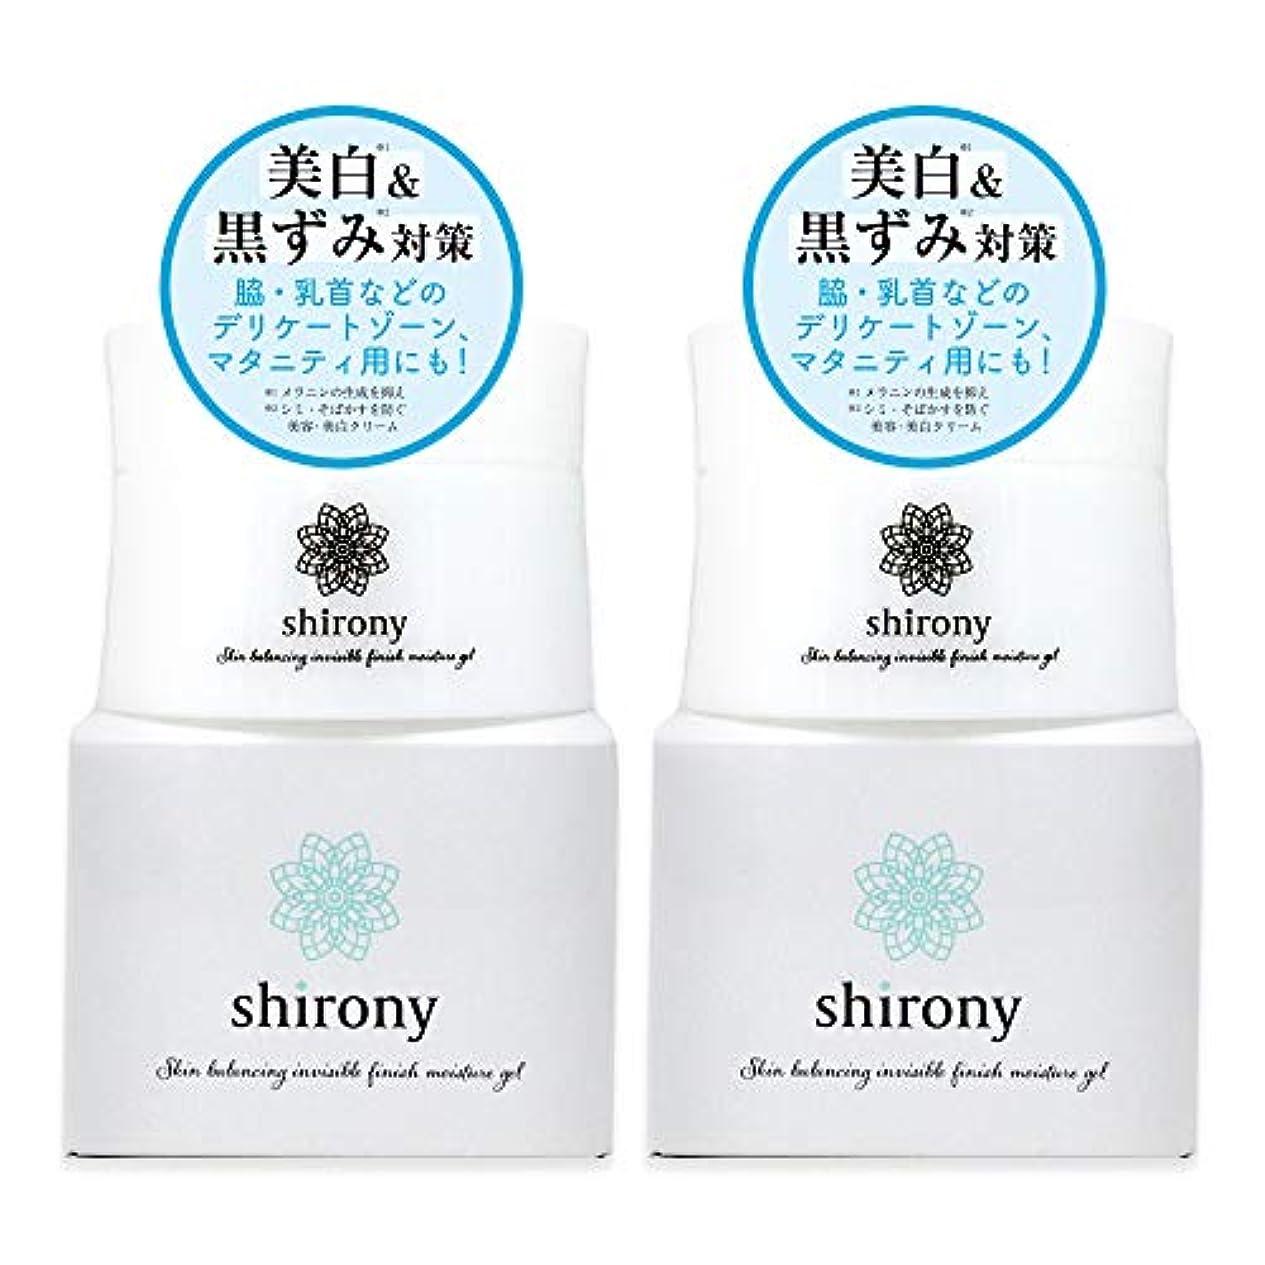 世紀鳴らす不確実shirony (シロニー) 保湿 美白 ホワイトアップ クリーム モイストクリーム 30g 【医薬部外品】 (2個)